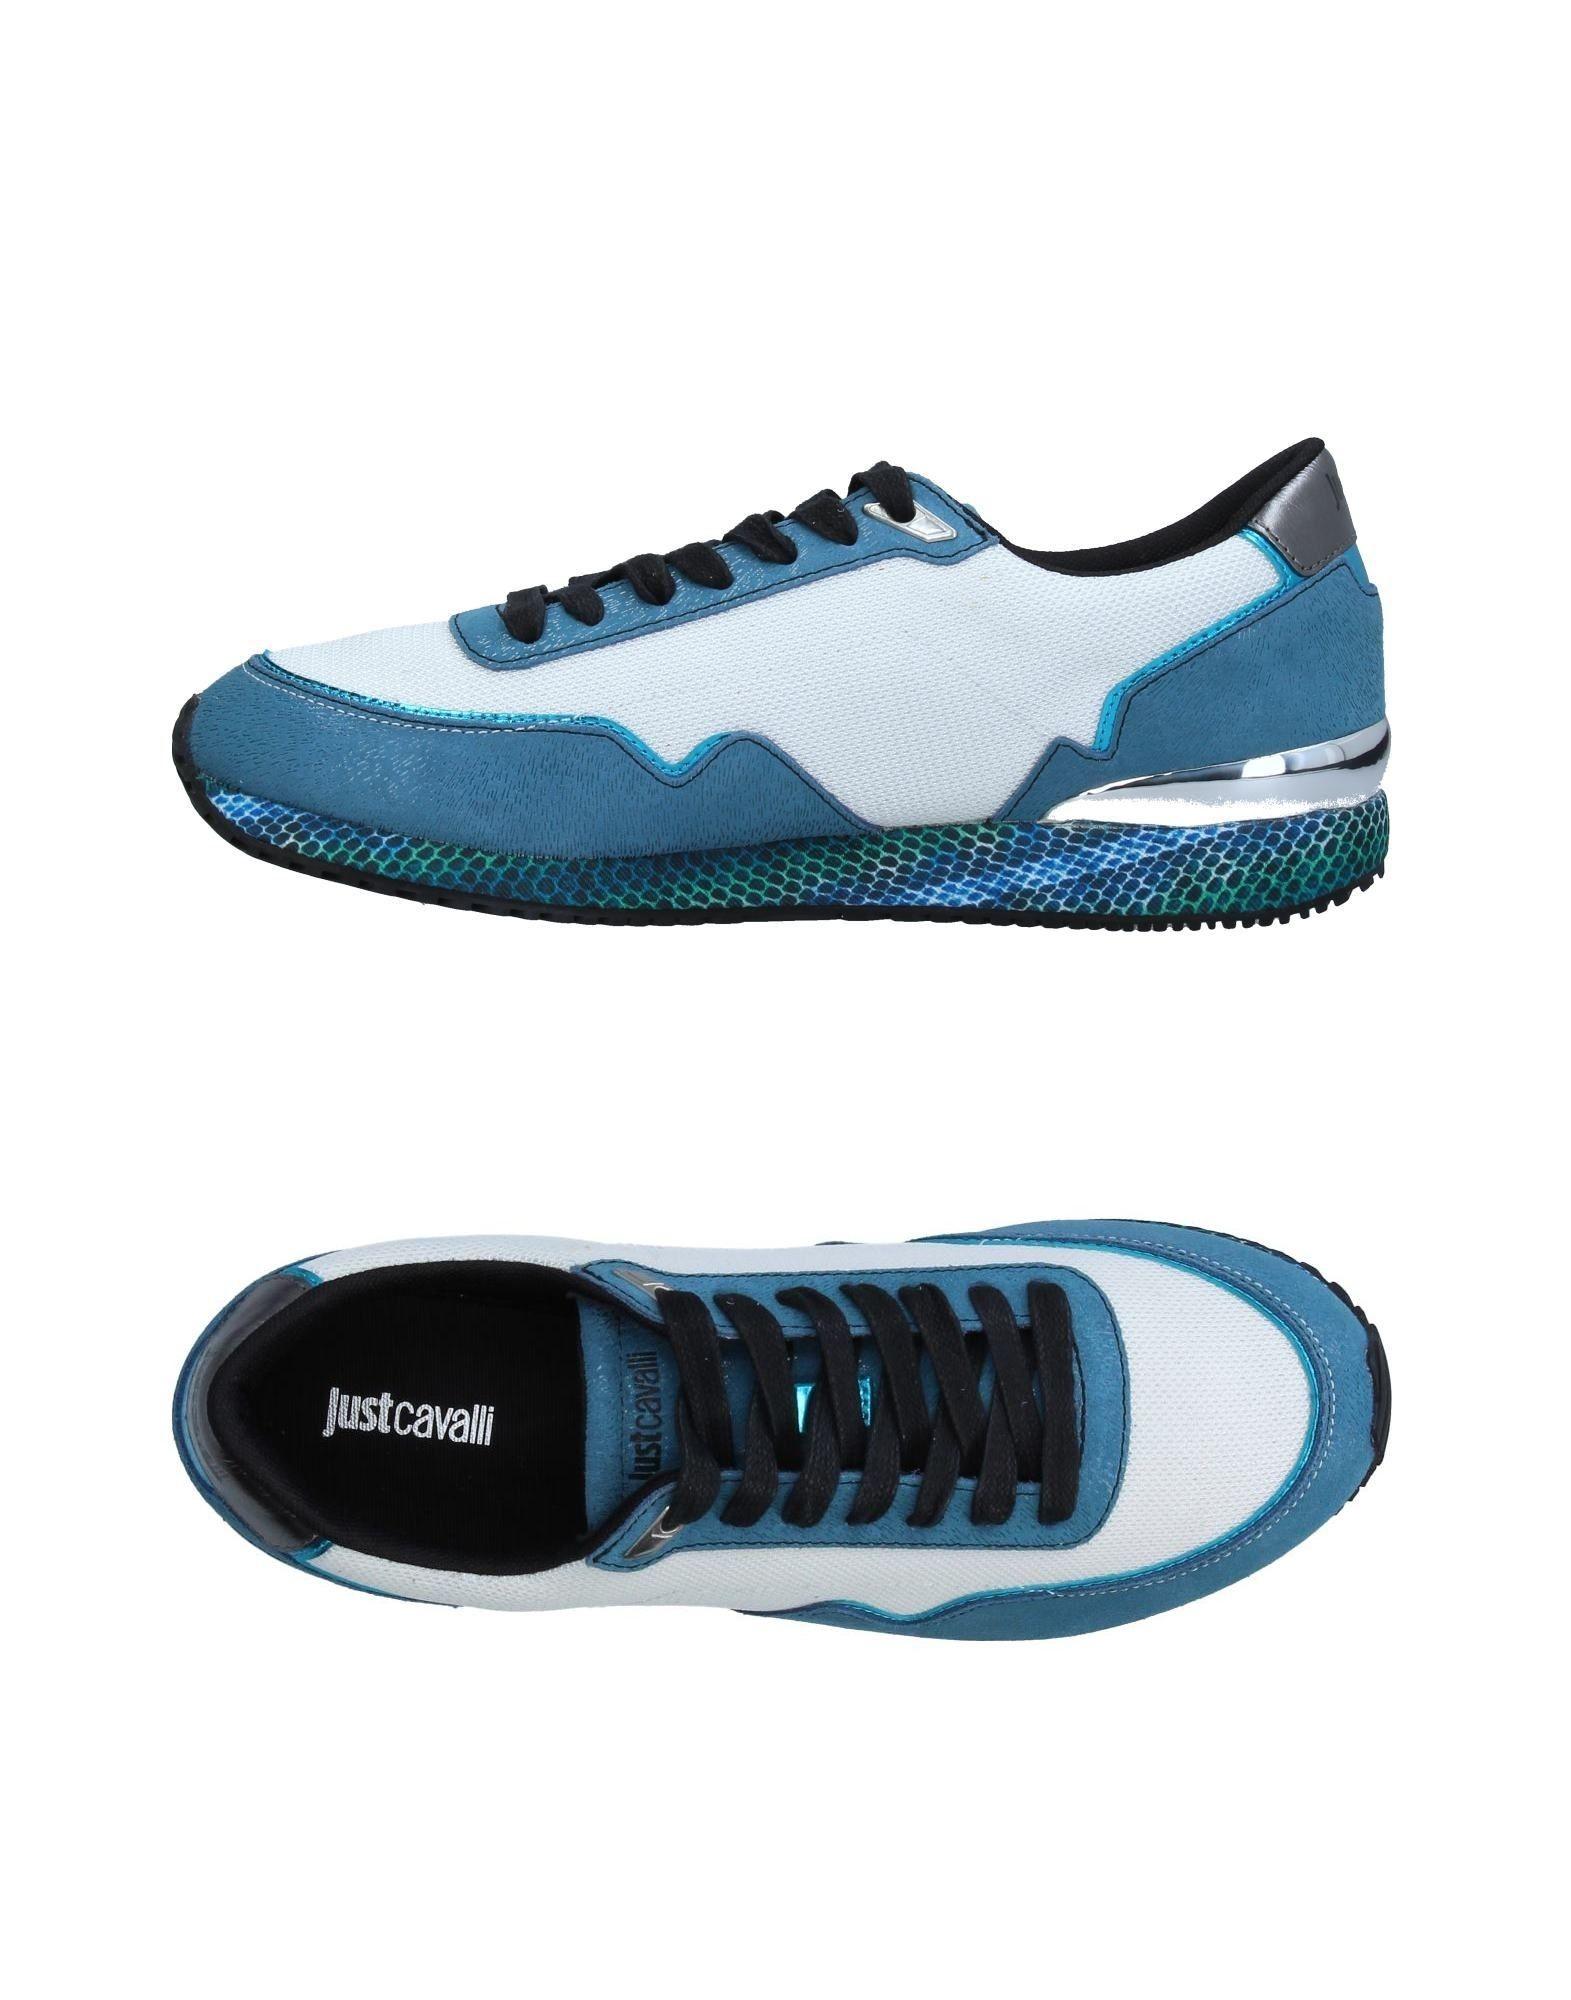 Zapatillas Just Zapatillas Cavalli Hombre - Zapatillas Just Just Cavalli  Azul pastel 49592f